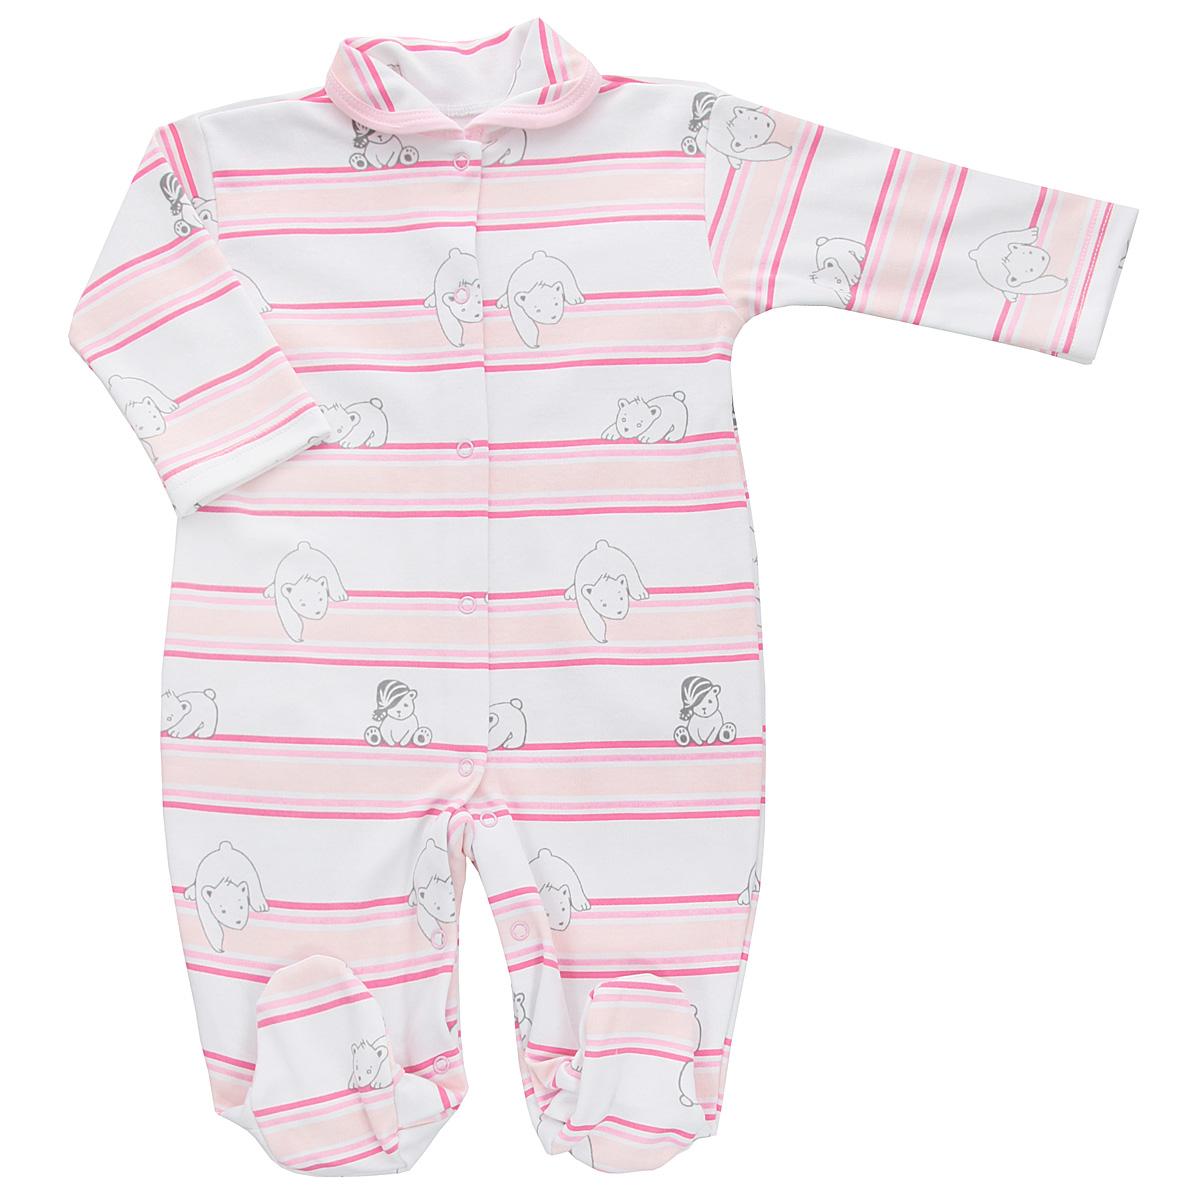 Комбинезон детский Трон-плюс, цвет: белый, розовый. 5815_мишка, полоска. Размер 62, 3 месяца5815_мишка, полоскаДетский комбинезон Трон-Плюс - очень удобный и практичный вид одежды для малышей. Комбинезон выполнен из интерлока - натурального хлопка, благодаря чему он необычайно мягкий и приятный на ощупь, не раздражает нежную кожу ребенка, и хорошо вентилируются, а эластичные швы приятны телу младенца и не препятствуют его движениям. Комбинезон с длинными рукавами, закрытыми ножками и отложным воротничком имеет застежки-кнопки от горловины до щиколоток, которые помогают легко переодеть ребенка или сменить подгузник. Воротник по краю дополнен контрастной бейкой. Оформлено изделие принтом в полоску, а также изображениями медвежат. С детским комбинезоном спинка и ножки вашего крохи всегда будут в тепле, он идеален для использования днем и незаменим ночью. Комбинезон полностью соответствует особенностям жизни младенца в ранний период, не стесняя и не ограничивая его в движениях!